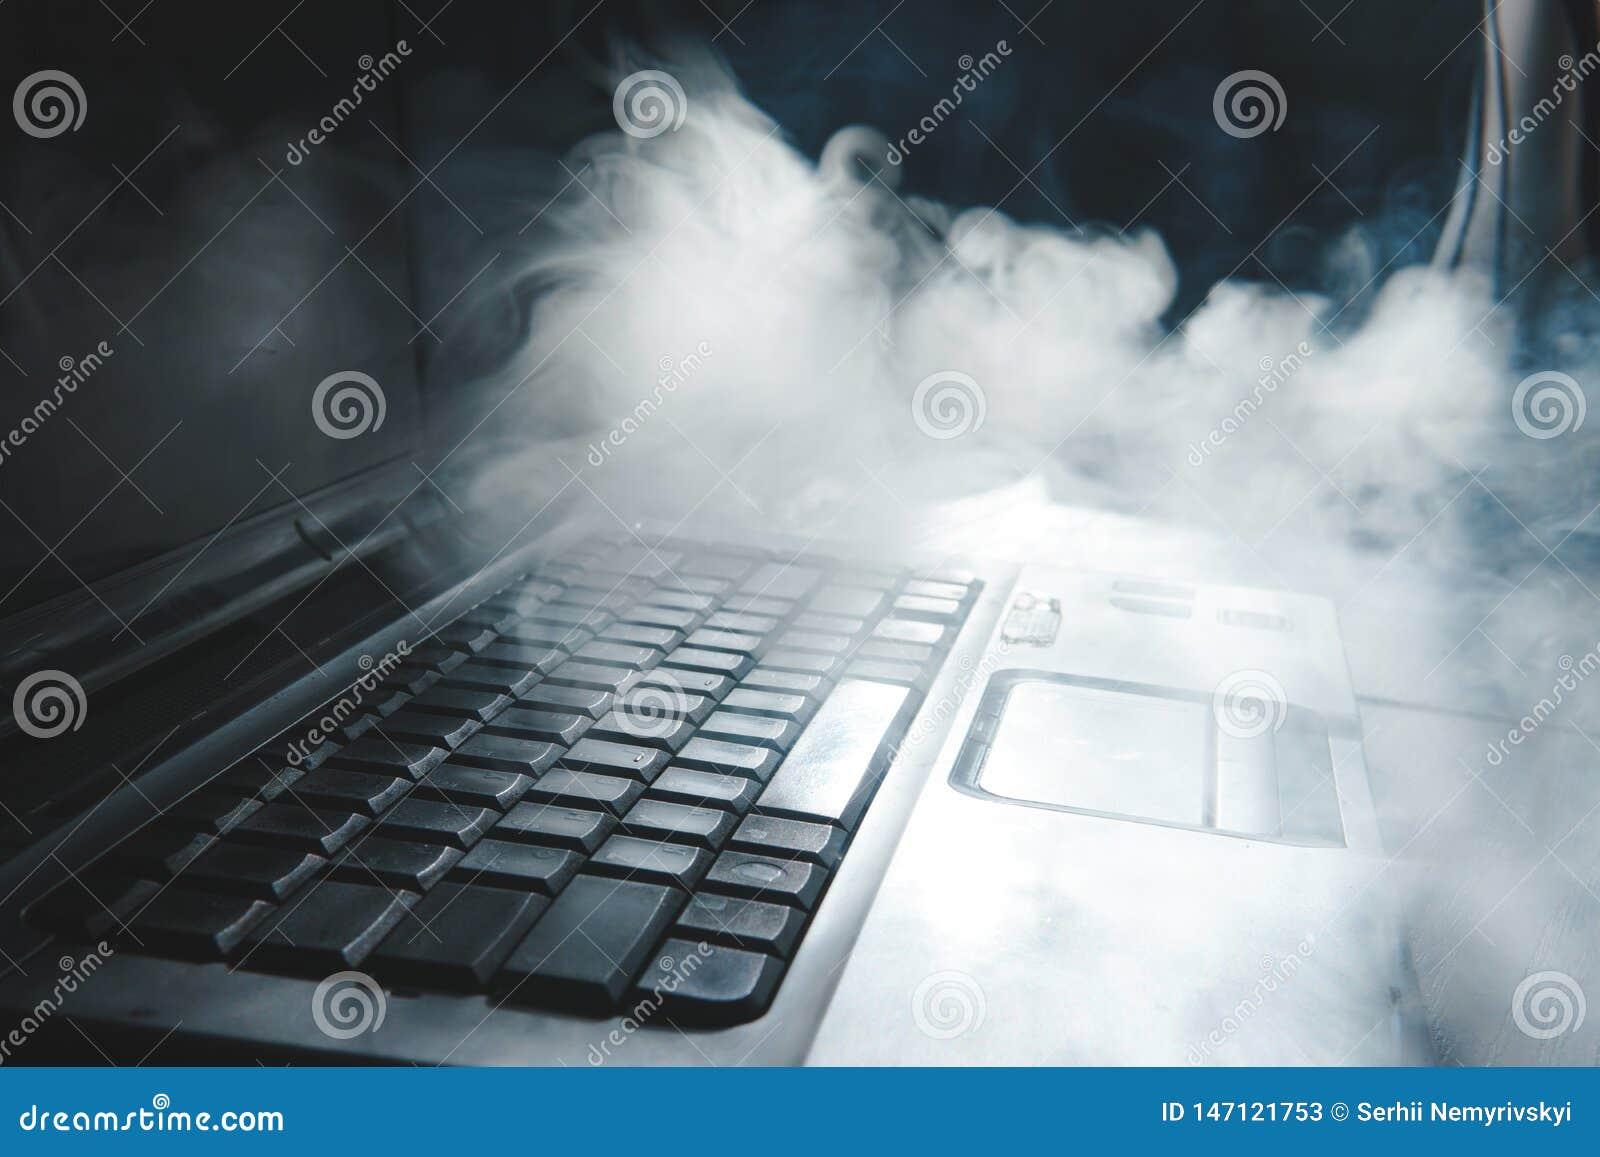 De rokende waterpijp terwijl thuis het werken aan laptop, donker thema, sluit omhoog, zon lichte lijnen